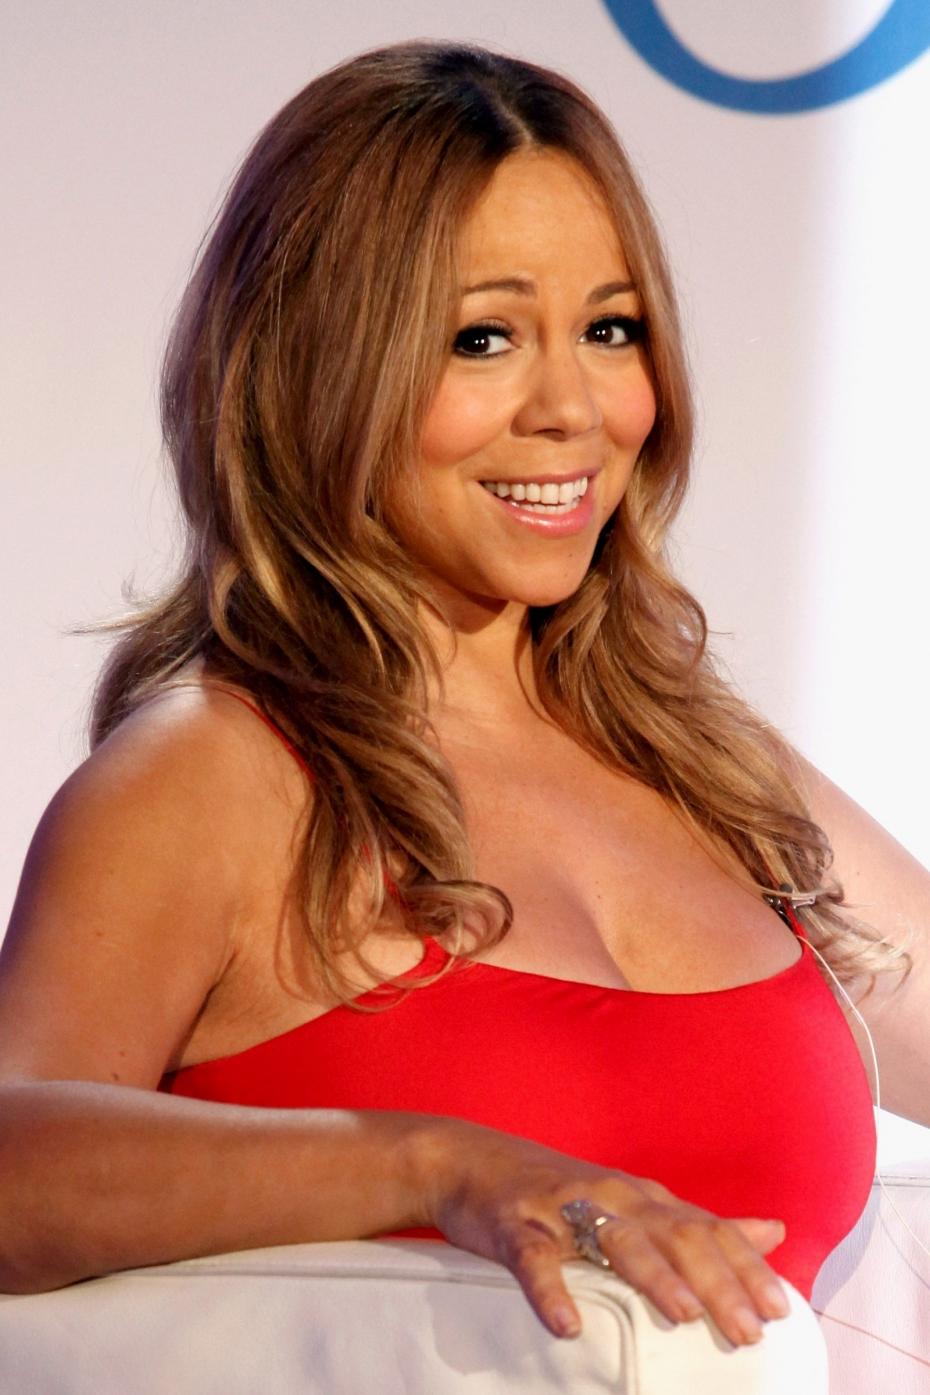 Mariah Carey Hot Mariah Carey Bikini Pics-6787